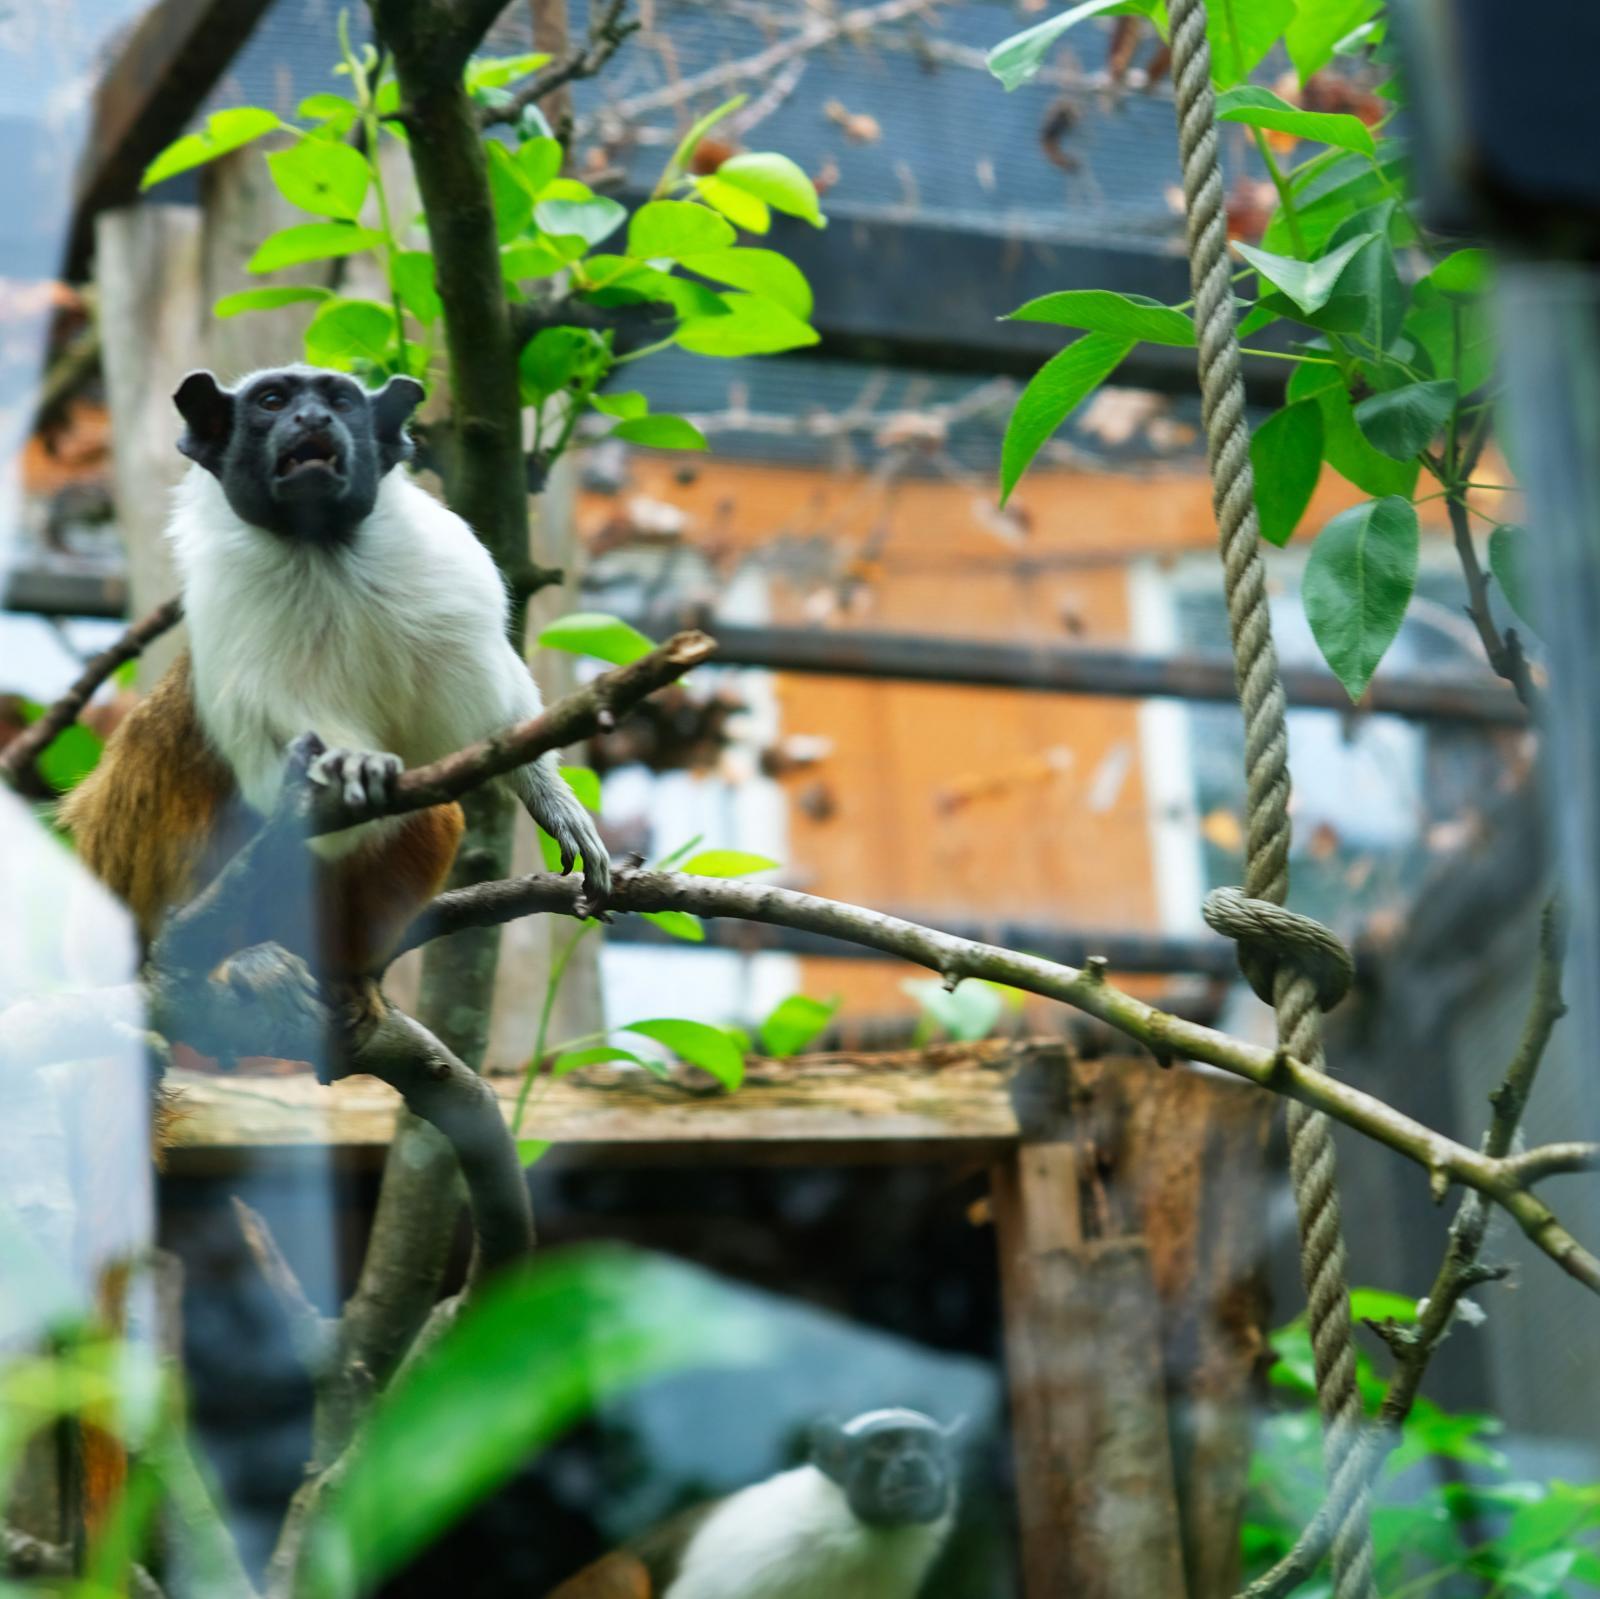 Apor finns det gott om, både utomhus och inne. Den här glade rackaren är en spindelapa.